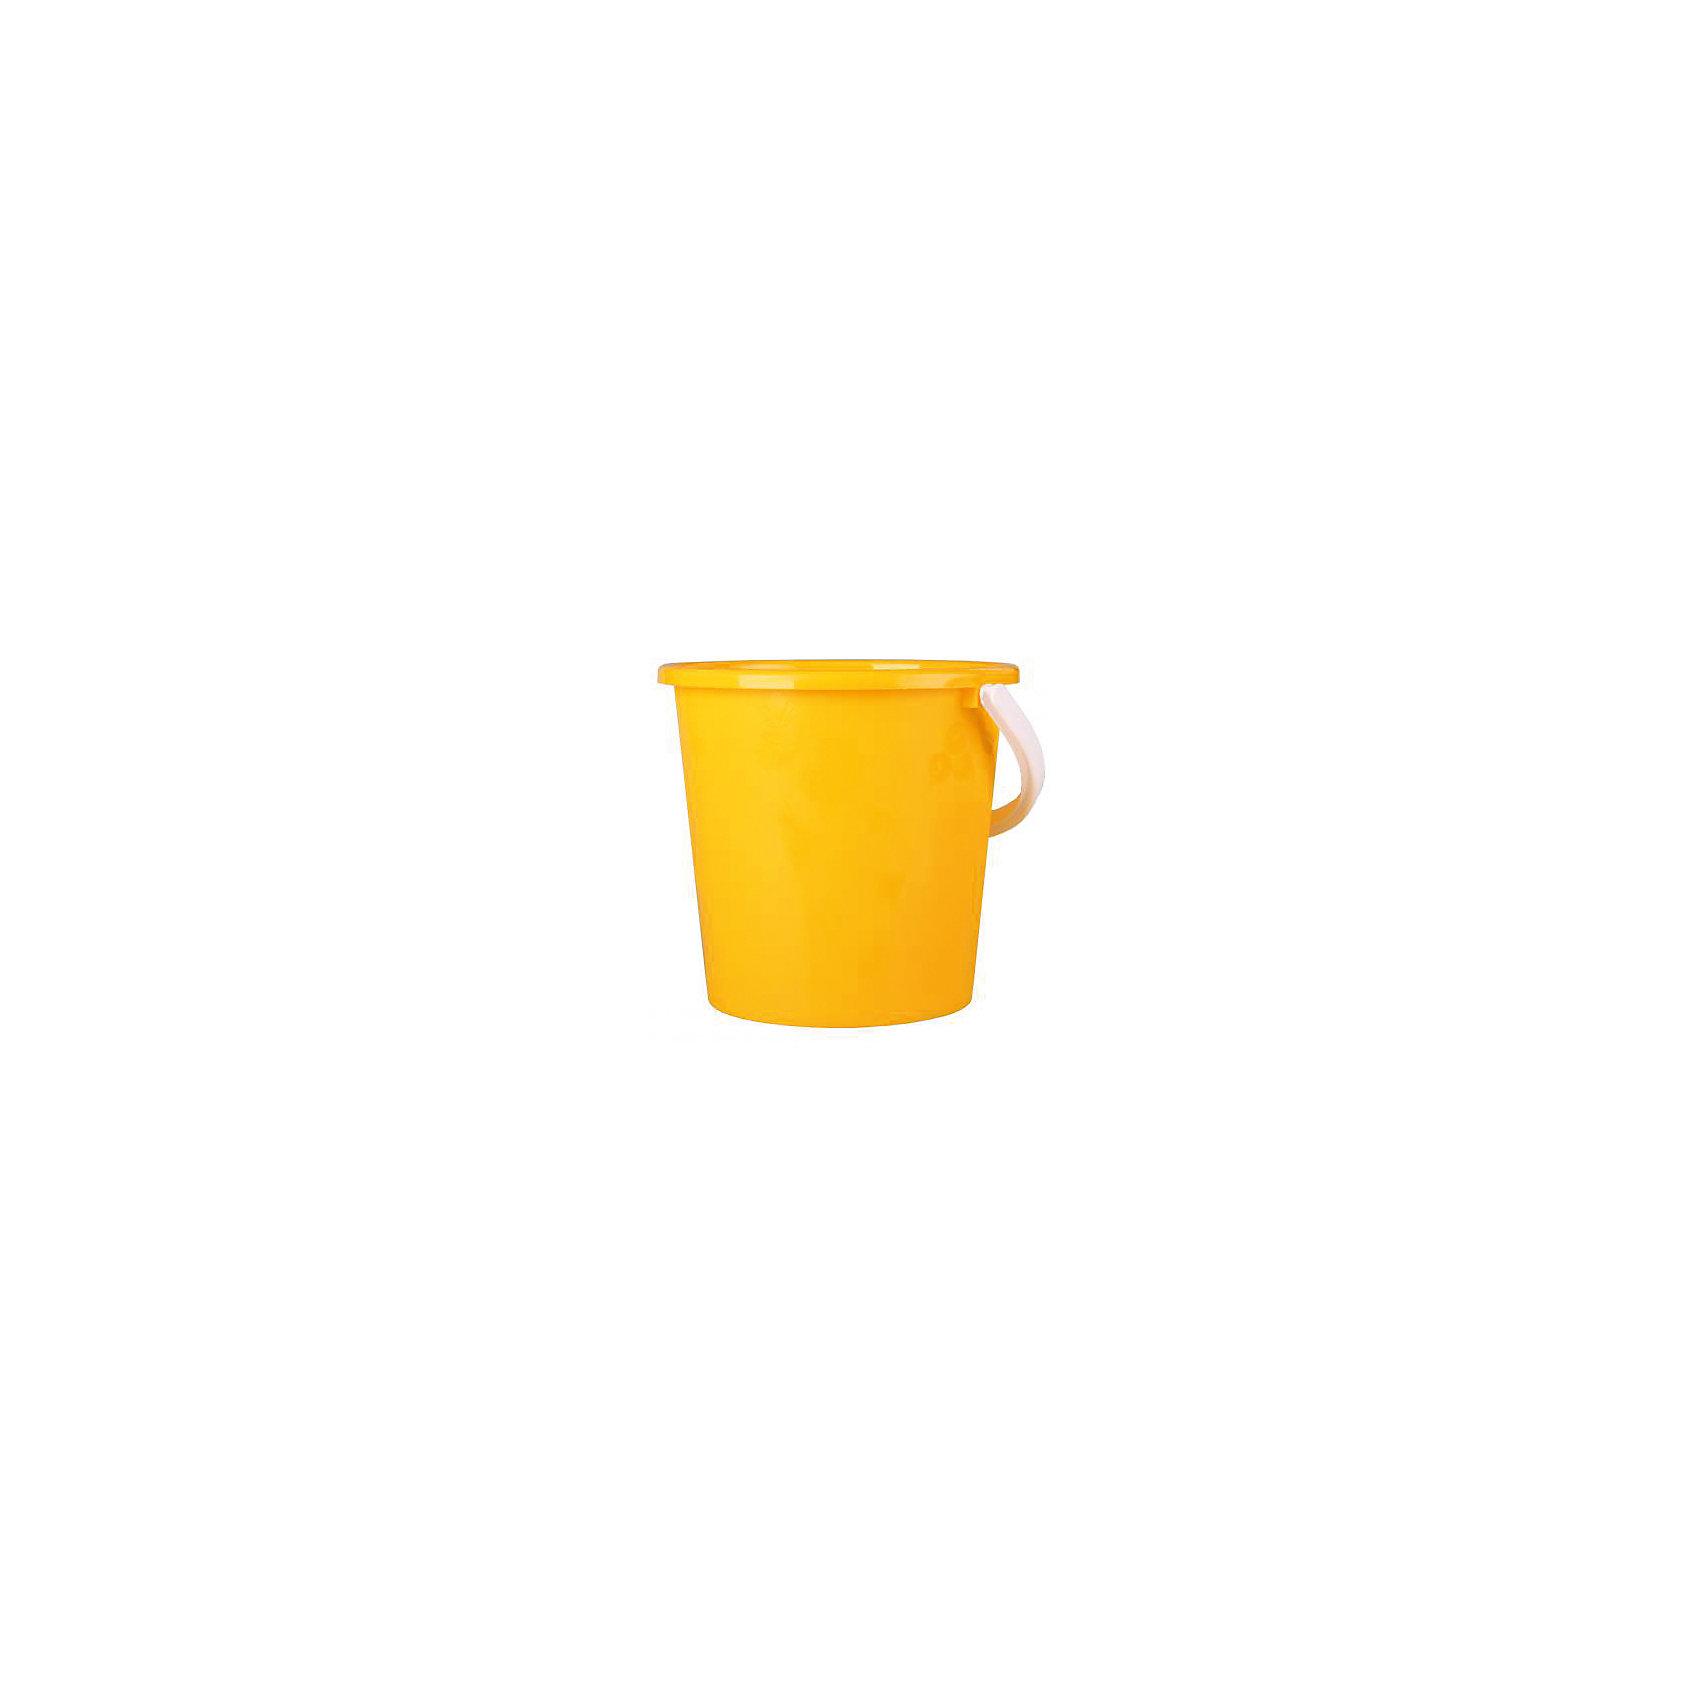 Ведро 3л, Alternativa, желтыйВедро Садовод 3л, Alternativa (Альтернатива), желтый <br><br>Характеристики:<br><br>• удобная ручка с выступом<br>• объем: 3 литра<br>• материал: пластик<br>• размер: 20х19х17,5 см<br>• цвет: желтый<br><br>Для ухода за садом и огородом вам поможет ведро Садовод. В ведро можно налить необходимое количество воды или сложить в него предметы для ухода за садом. Оно изготовлено из прочного пластика и имеет удобную ручку с выступом. Объем ведра - 3 литра.<br><br>Ведро Садовод 3л, Alternativa (Альтернатива), желтый  вы можете купить в нашем интернет-магазине.<br><br>Ширина мм: 200<br>Глубина мм: 190<br>Высота мм: 175<br>Вес г: 500<br>Возраст от месяцев: 216<br>Возраст до месяцев: 1188<br>Пол: Унисекс<br>Возраст: Детский<br>SKU: 5475635